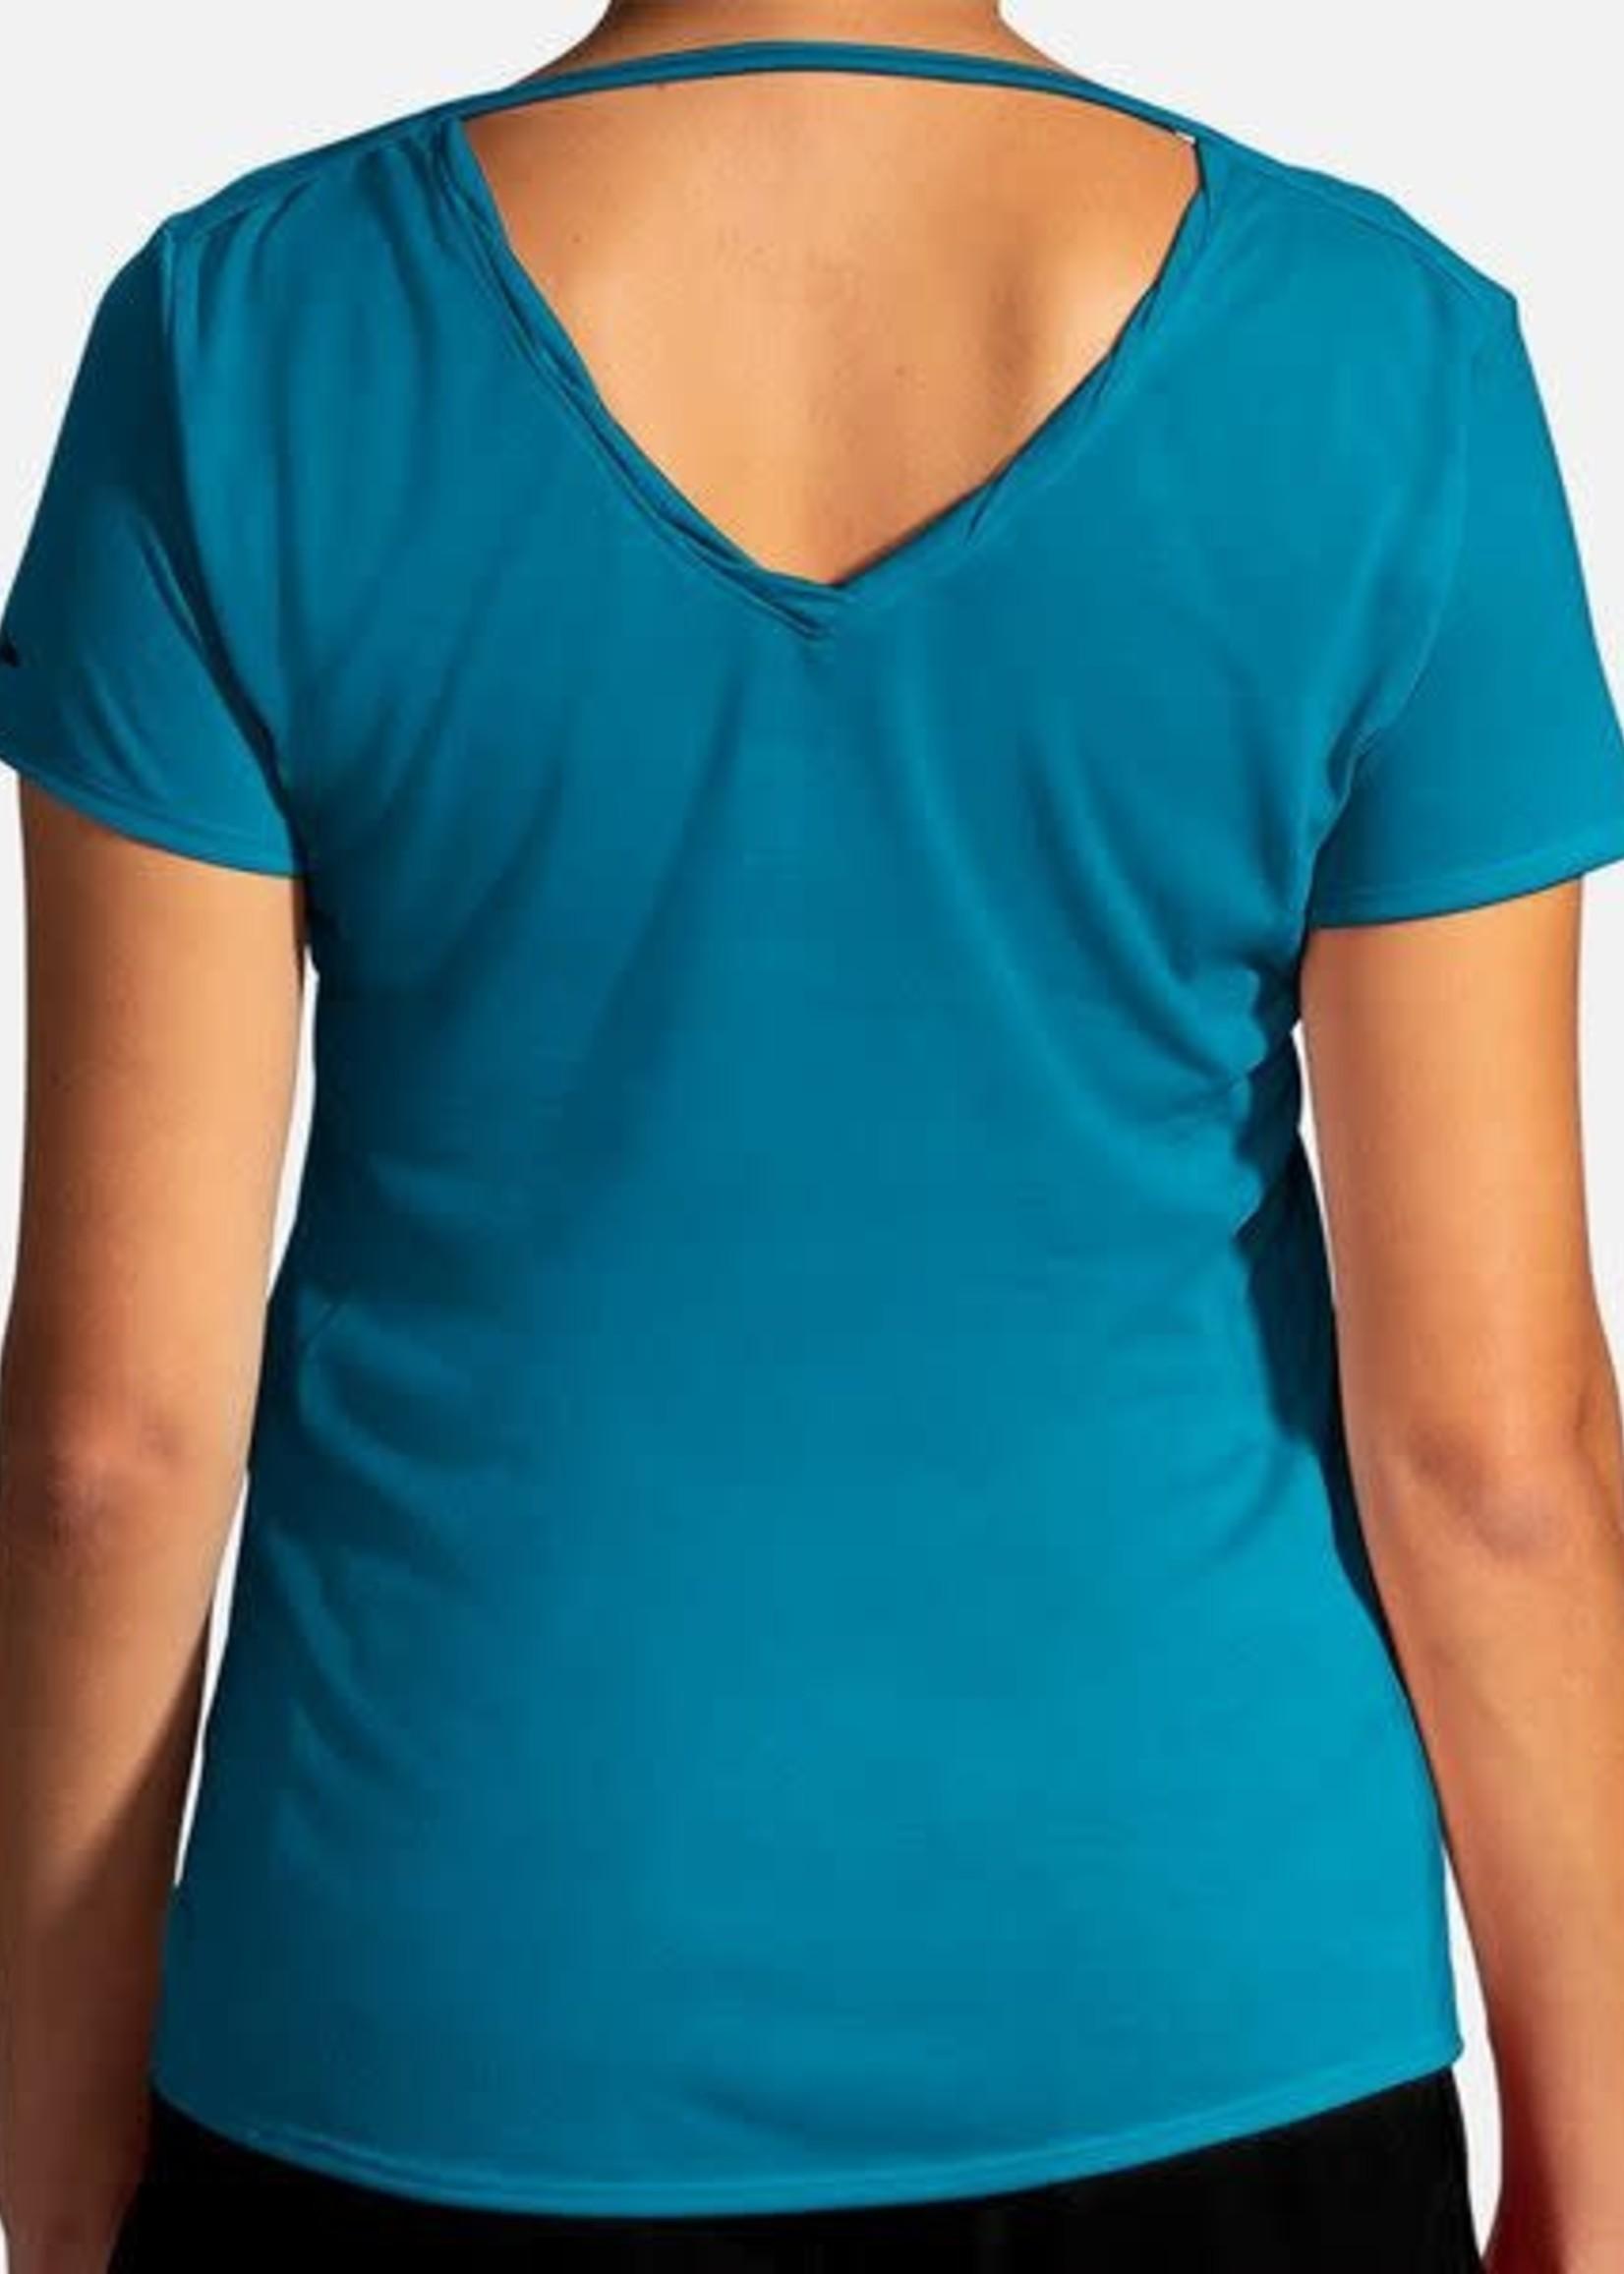 Brooks Brooks Distance Women's Short Sleeve Shirt